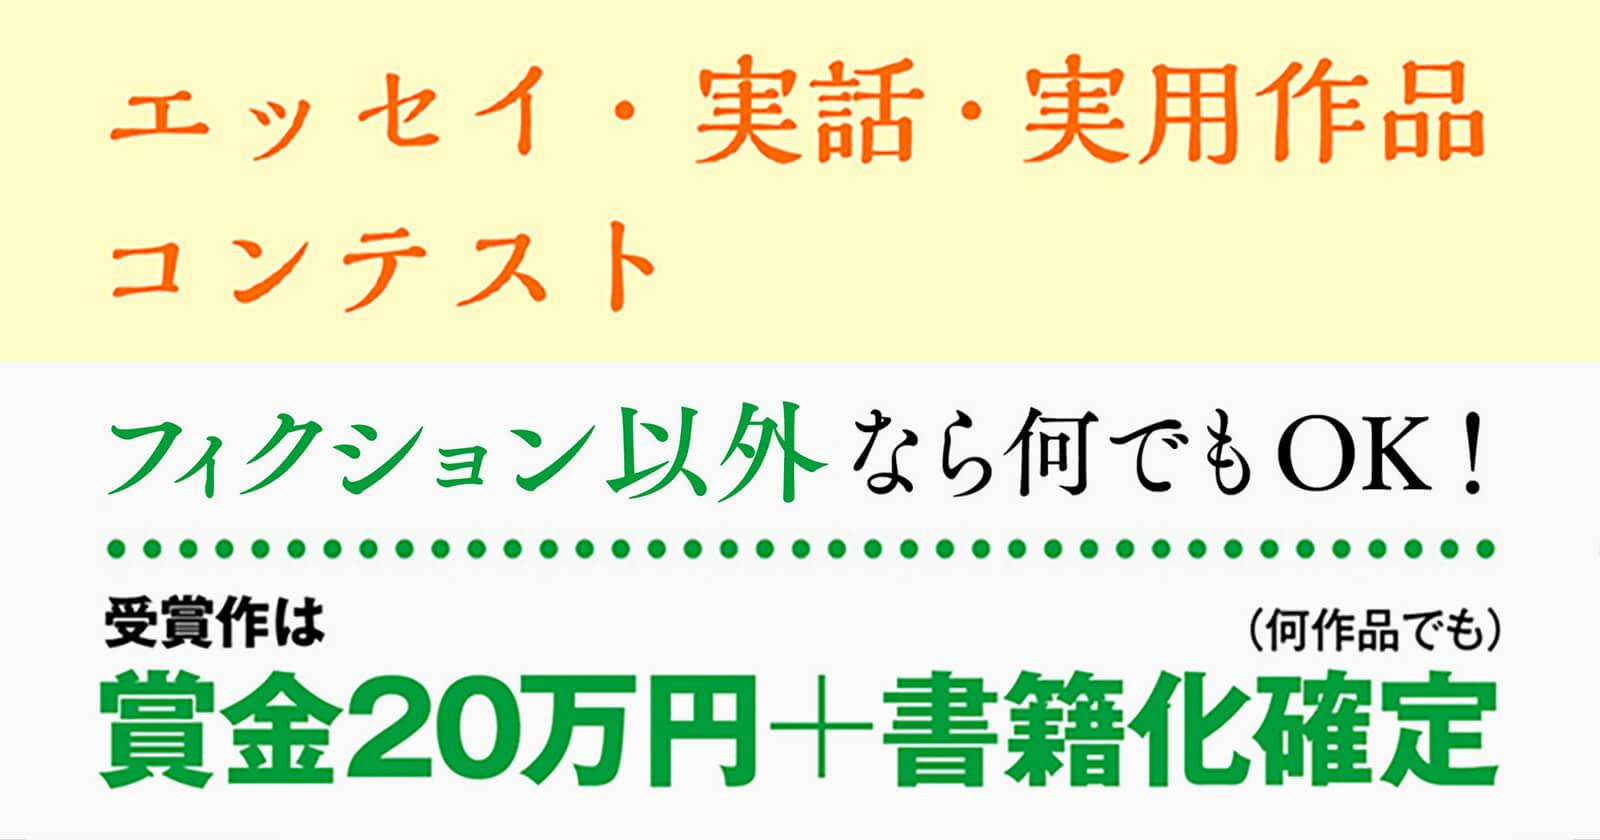 エッセイ・実話・実用作品コンテスト